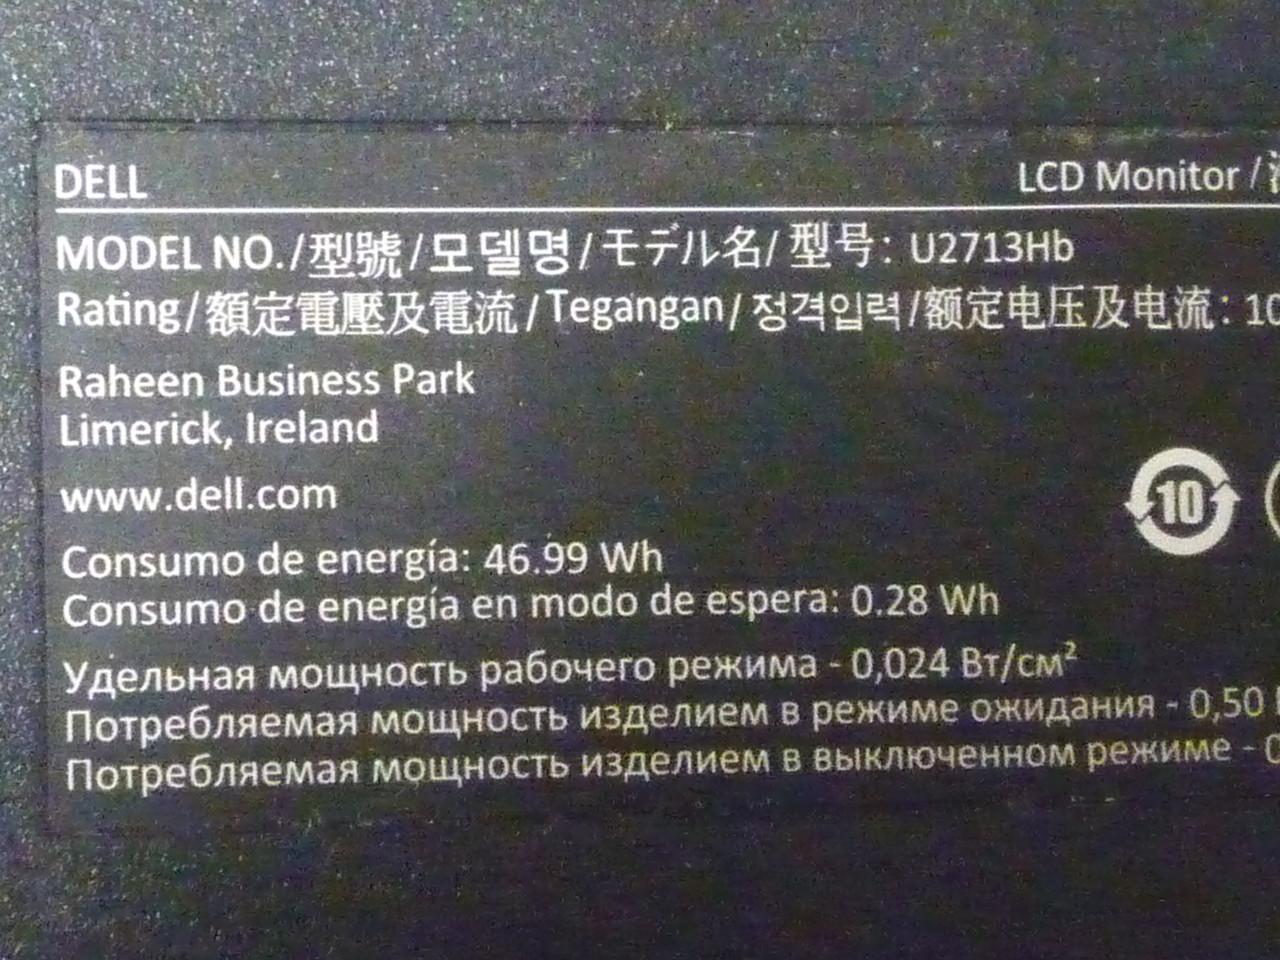 Платы от монитора DELL U2713Hb поблочно, в комплекте (нерабочая подсветка матрицы).